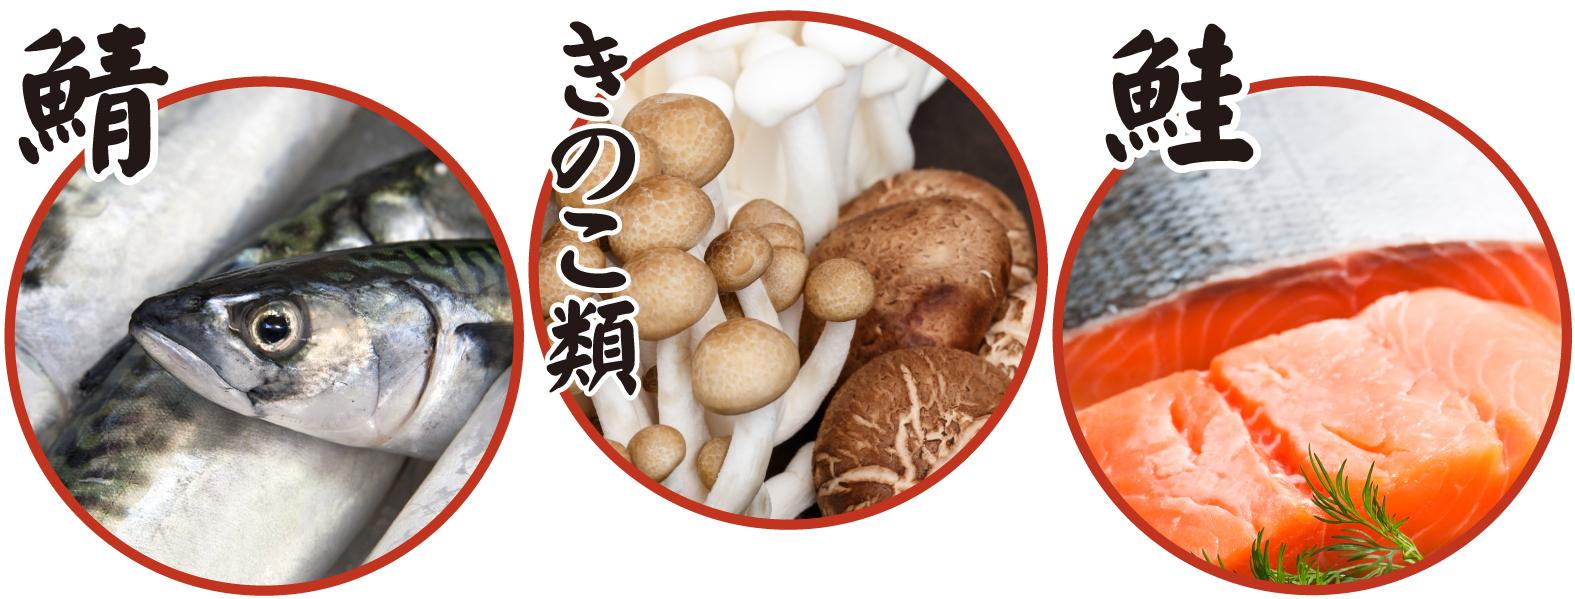 秋の食彩祭りの食材